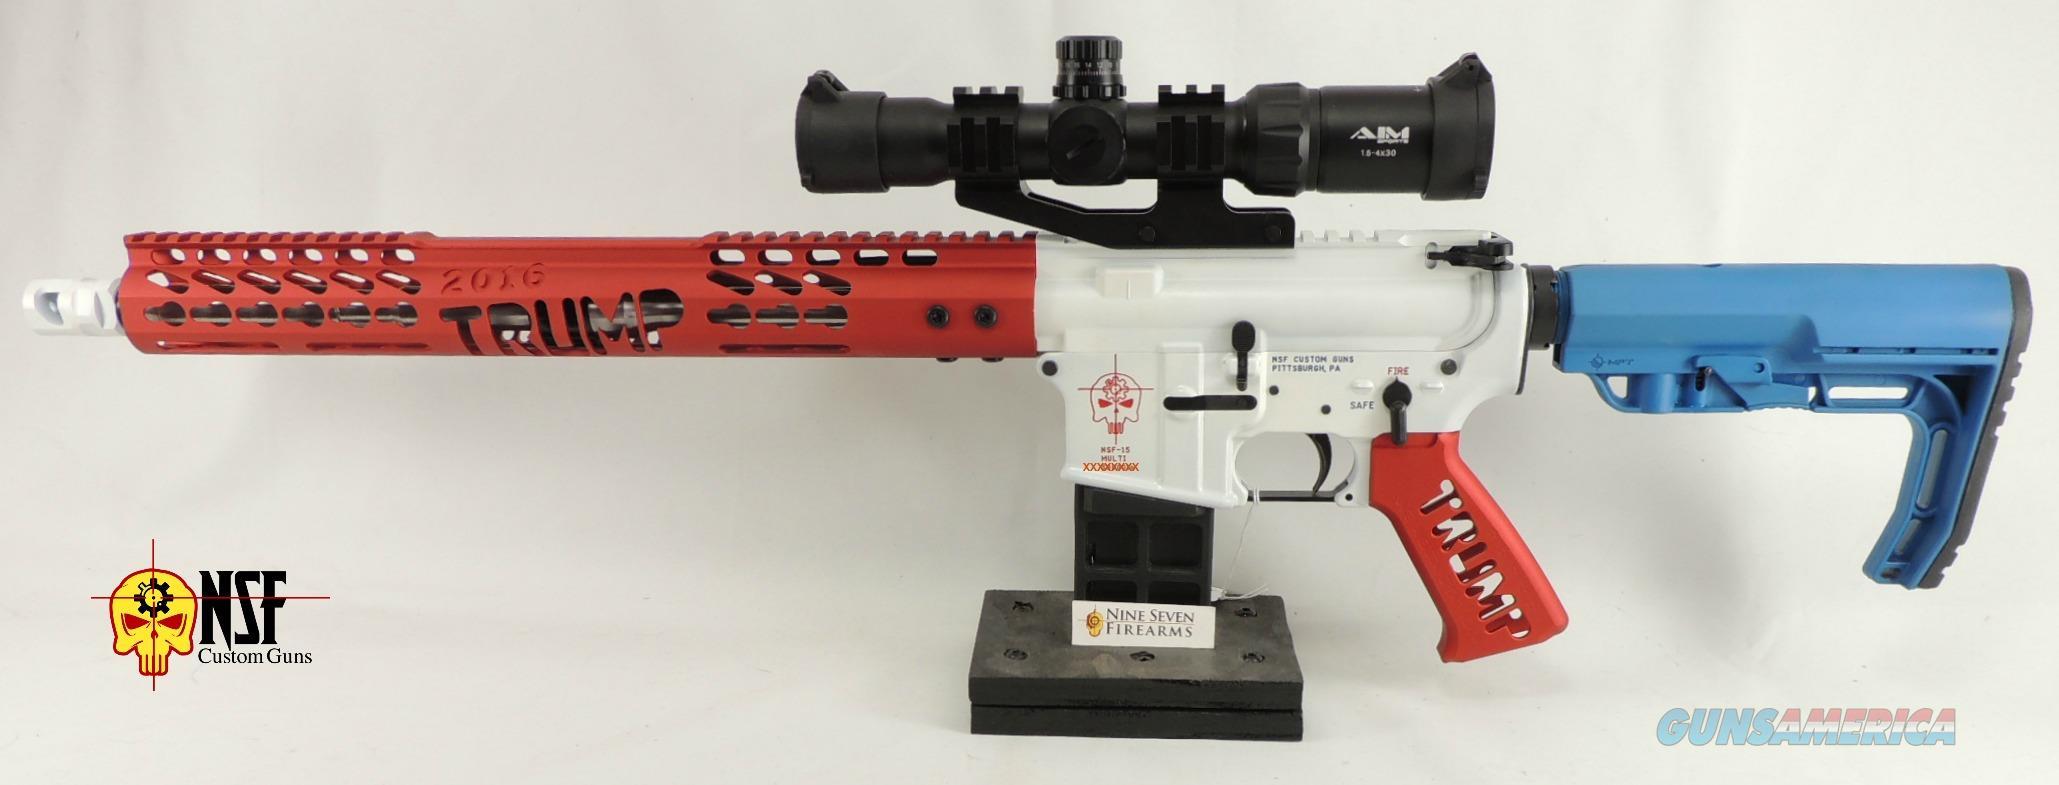 Custom Cerakoted Red, White, and Blue AR-15, Stainless Barrel, NSF Custom  Guns